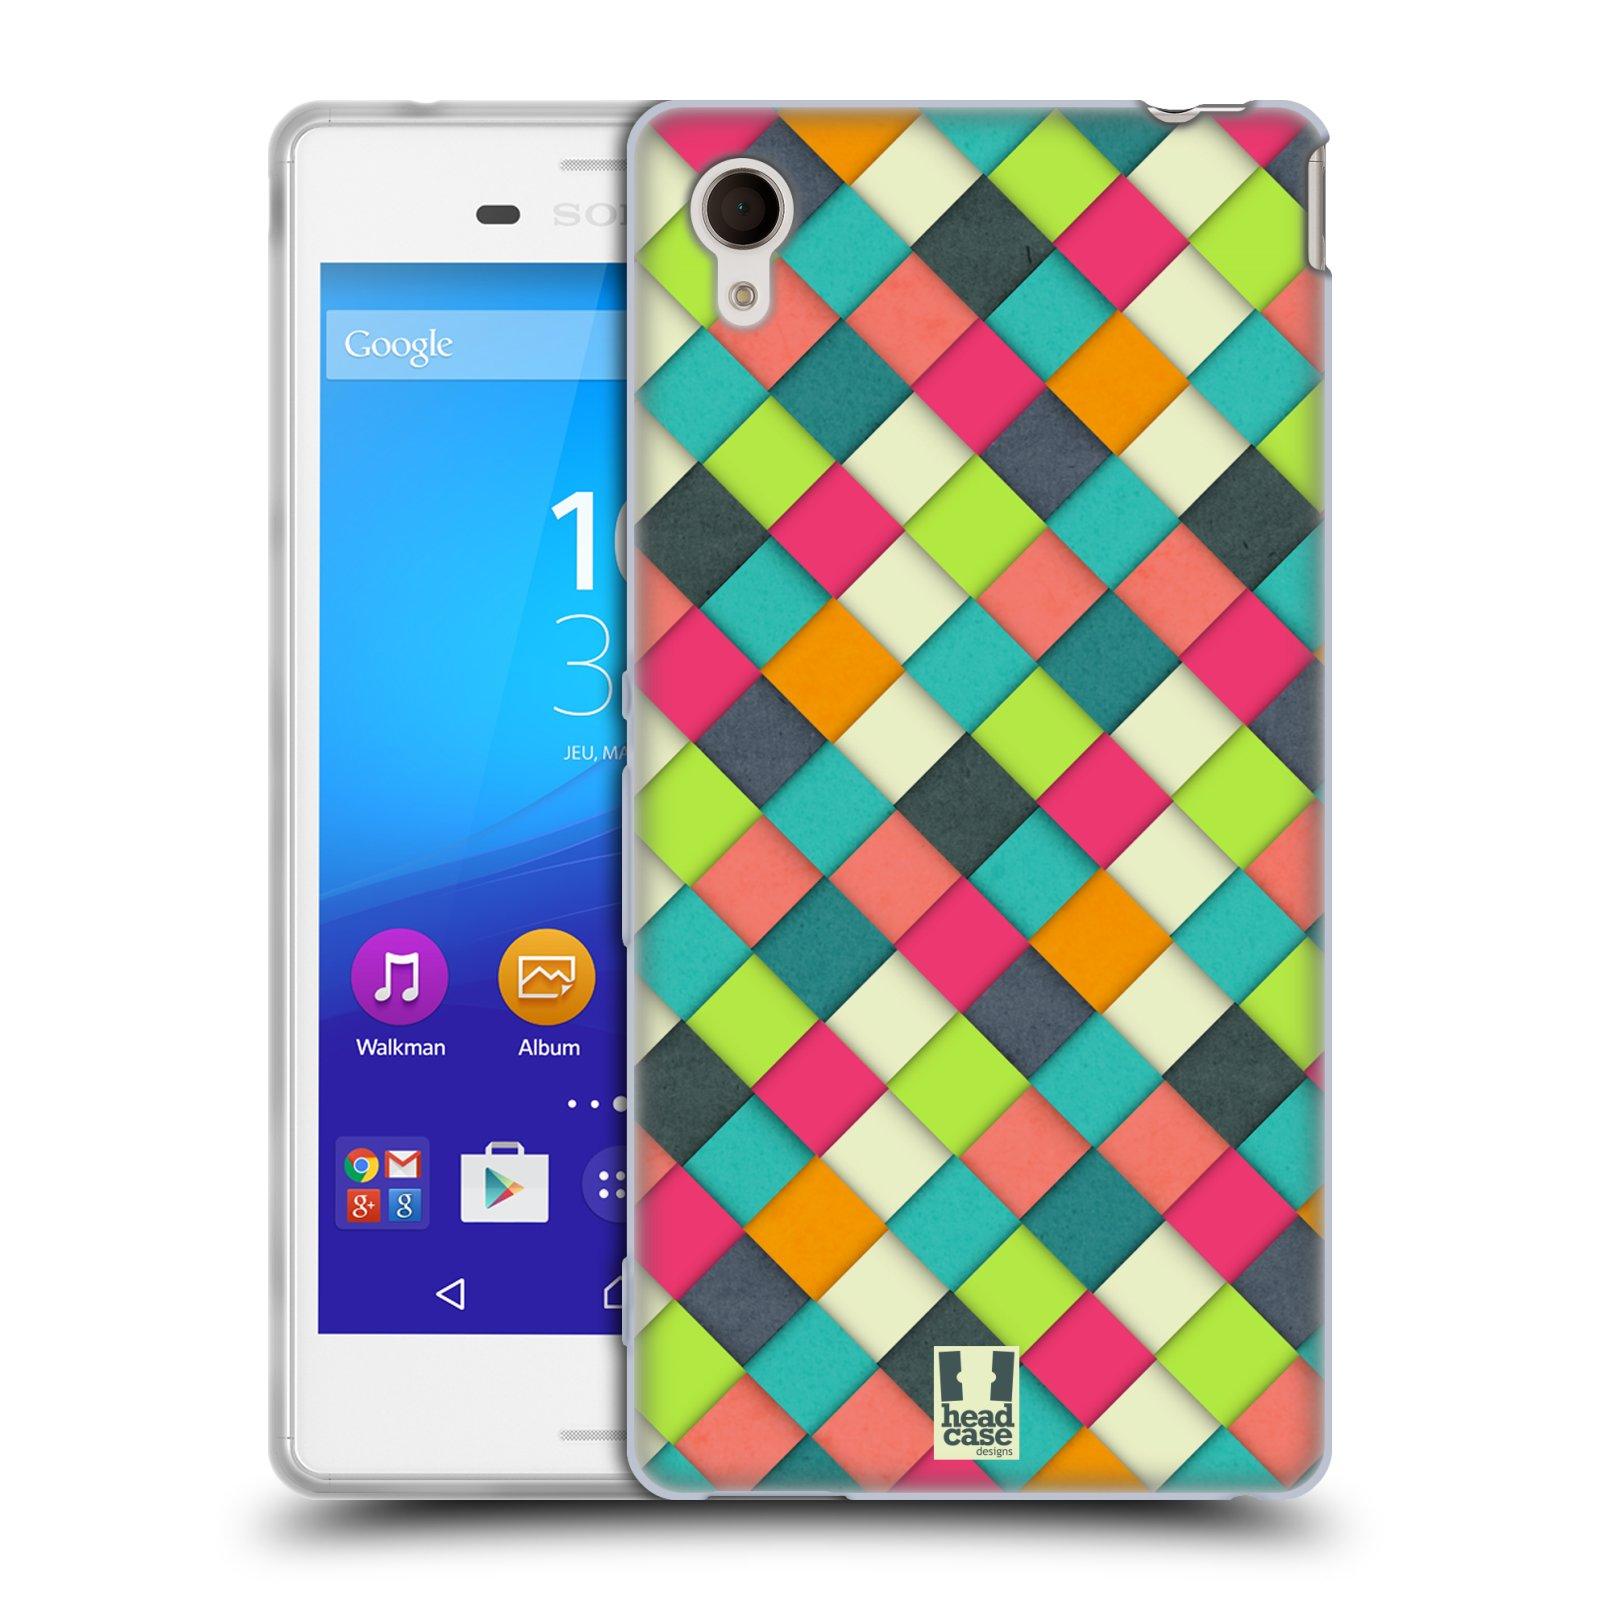 Silikonové pouzdro na mobil Sony Xperia M4 Aqua E2303 HEAD CASE WOVEN (Silikonový kryt či obal na mobilní telefon Sony Xperia M4 Aqua a M4 Aqua Dual SIM)